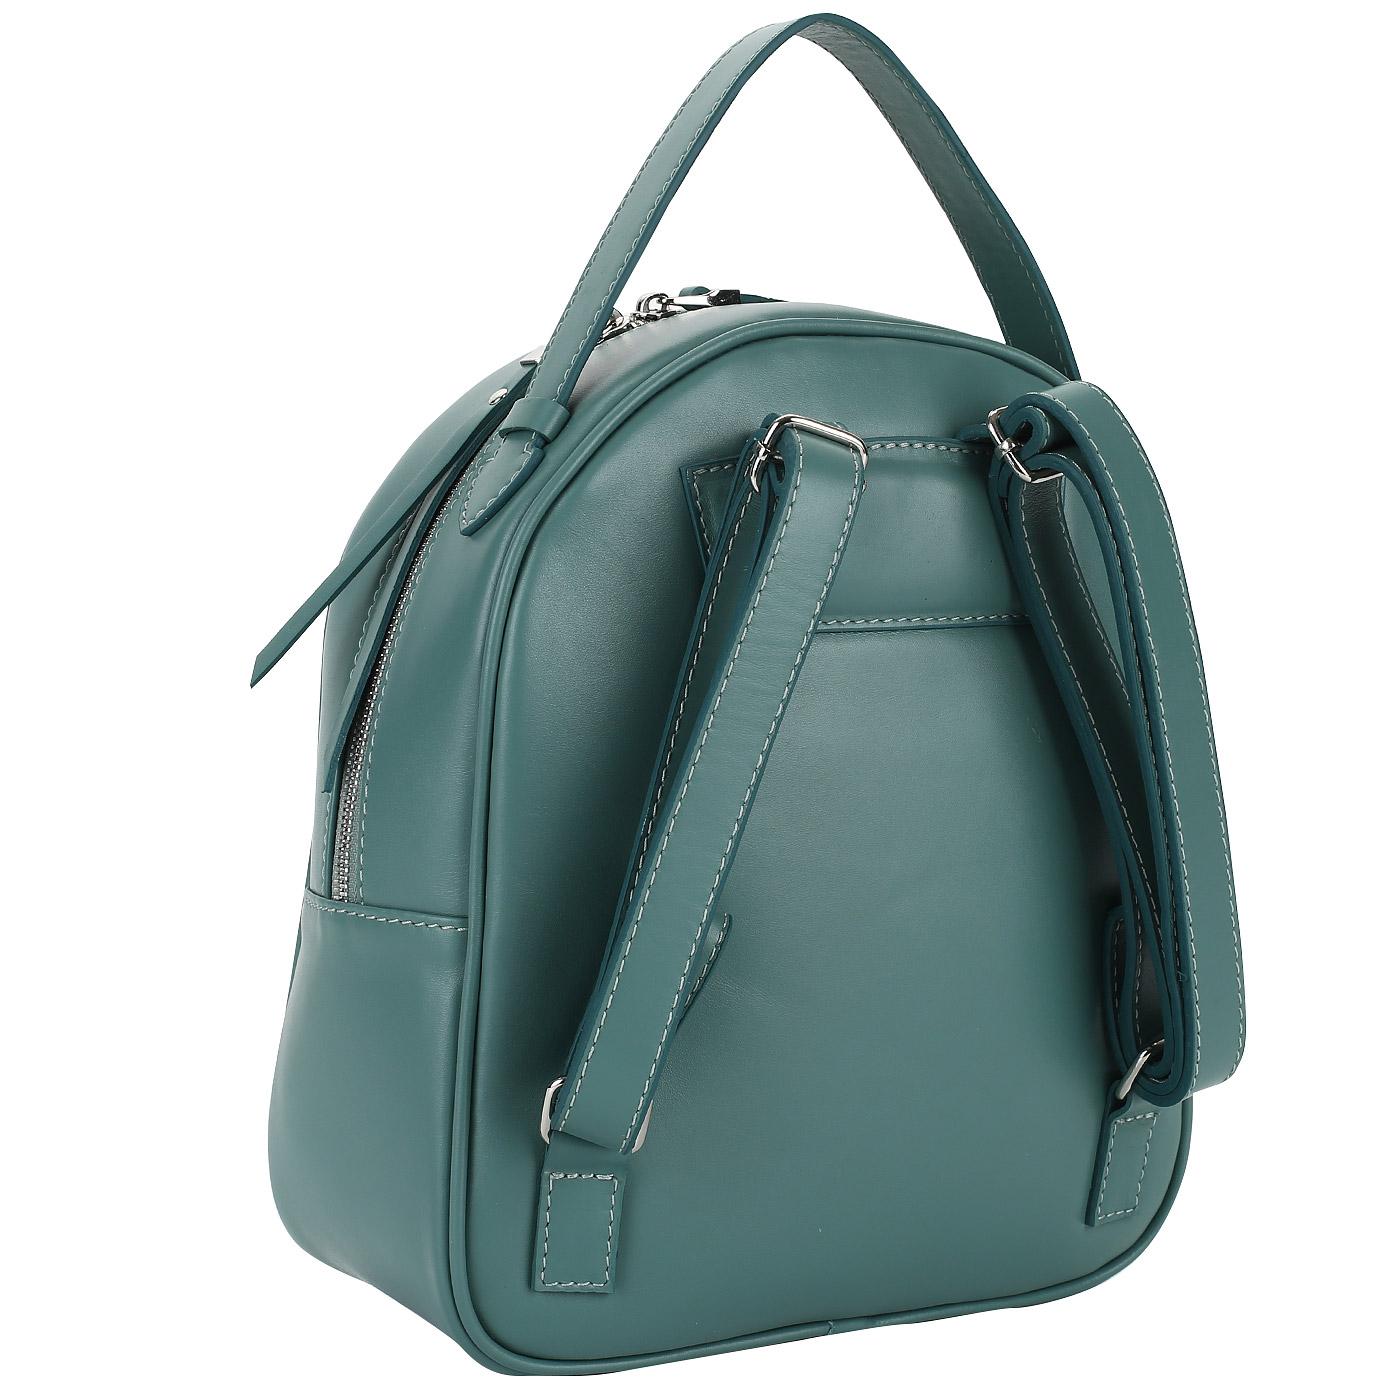 72ae52017f6b Альтернативой маленькой женской сумочке может послужить этот аккуратный  стеганый рюкзачок из натуральной кожи. Аксессуар зеленого цвета закрывается  на ...